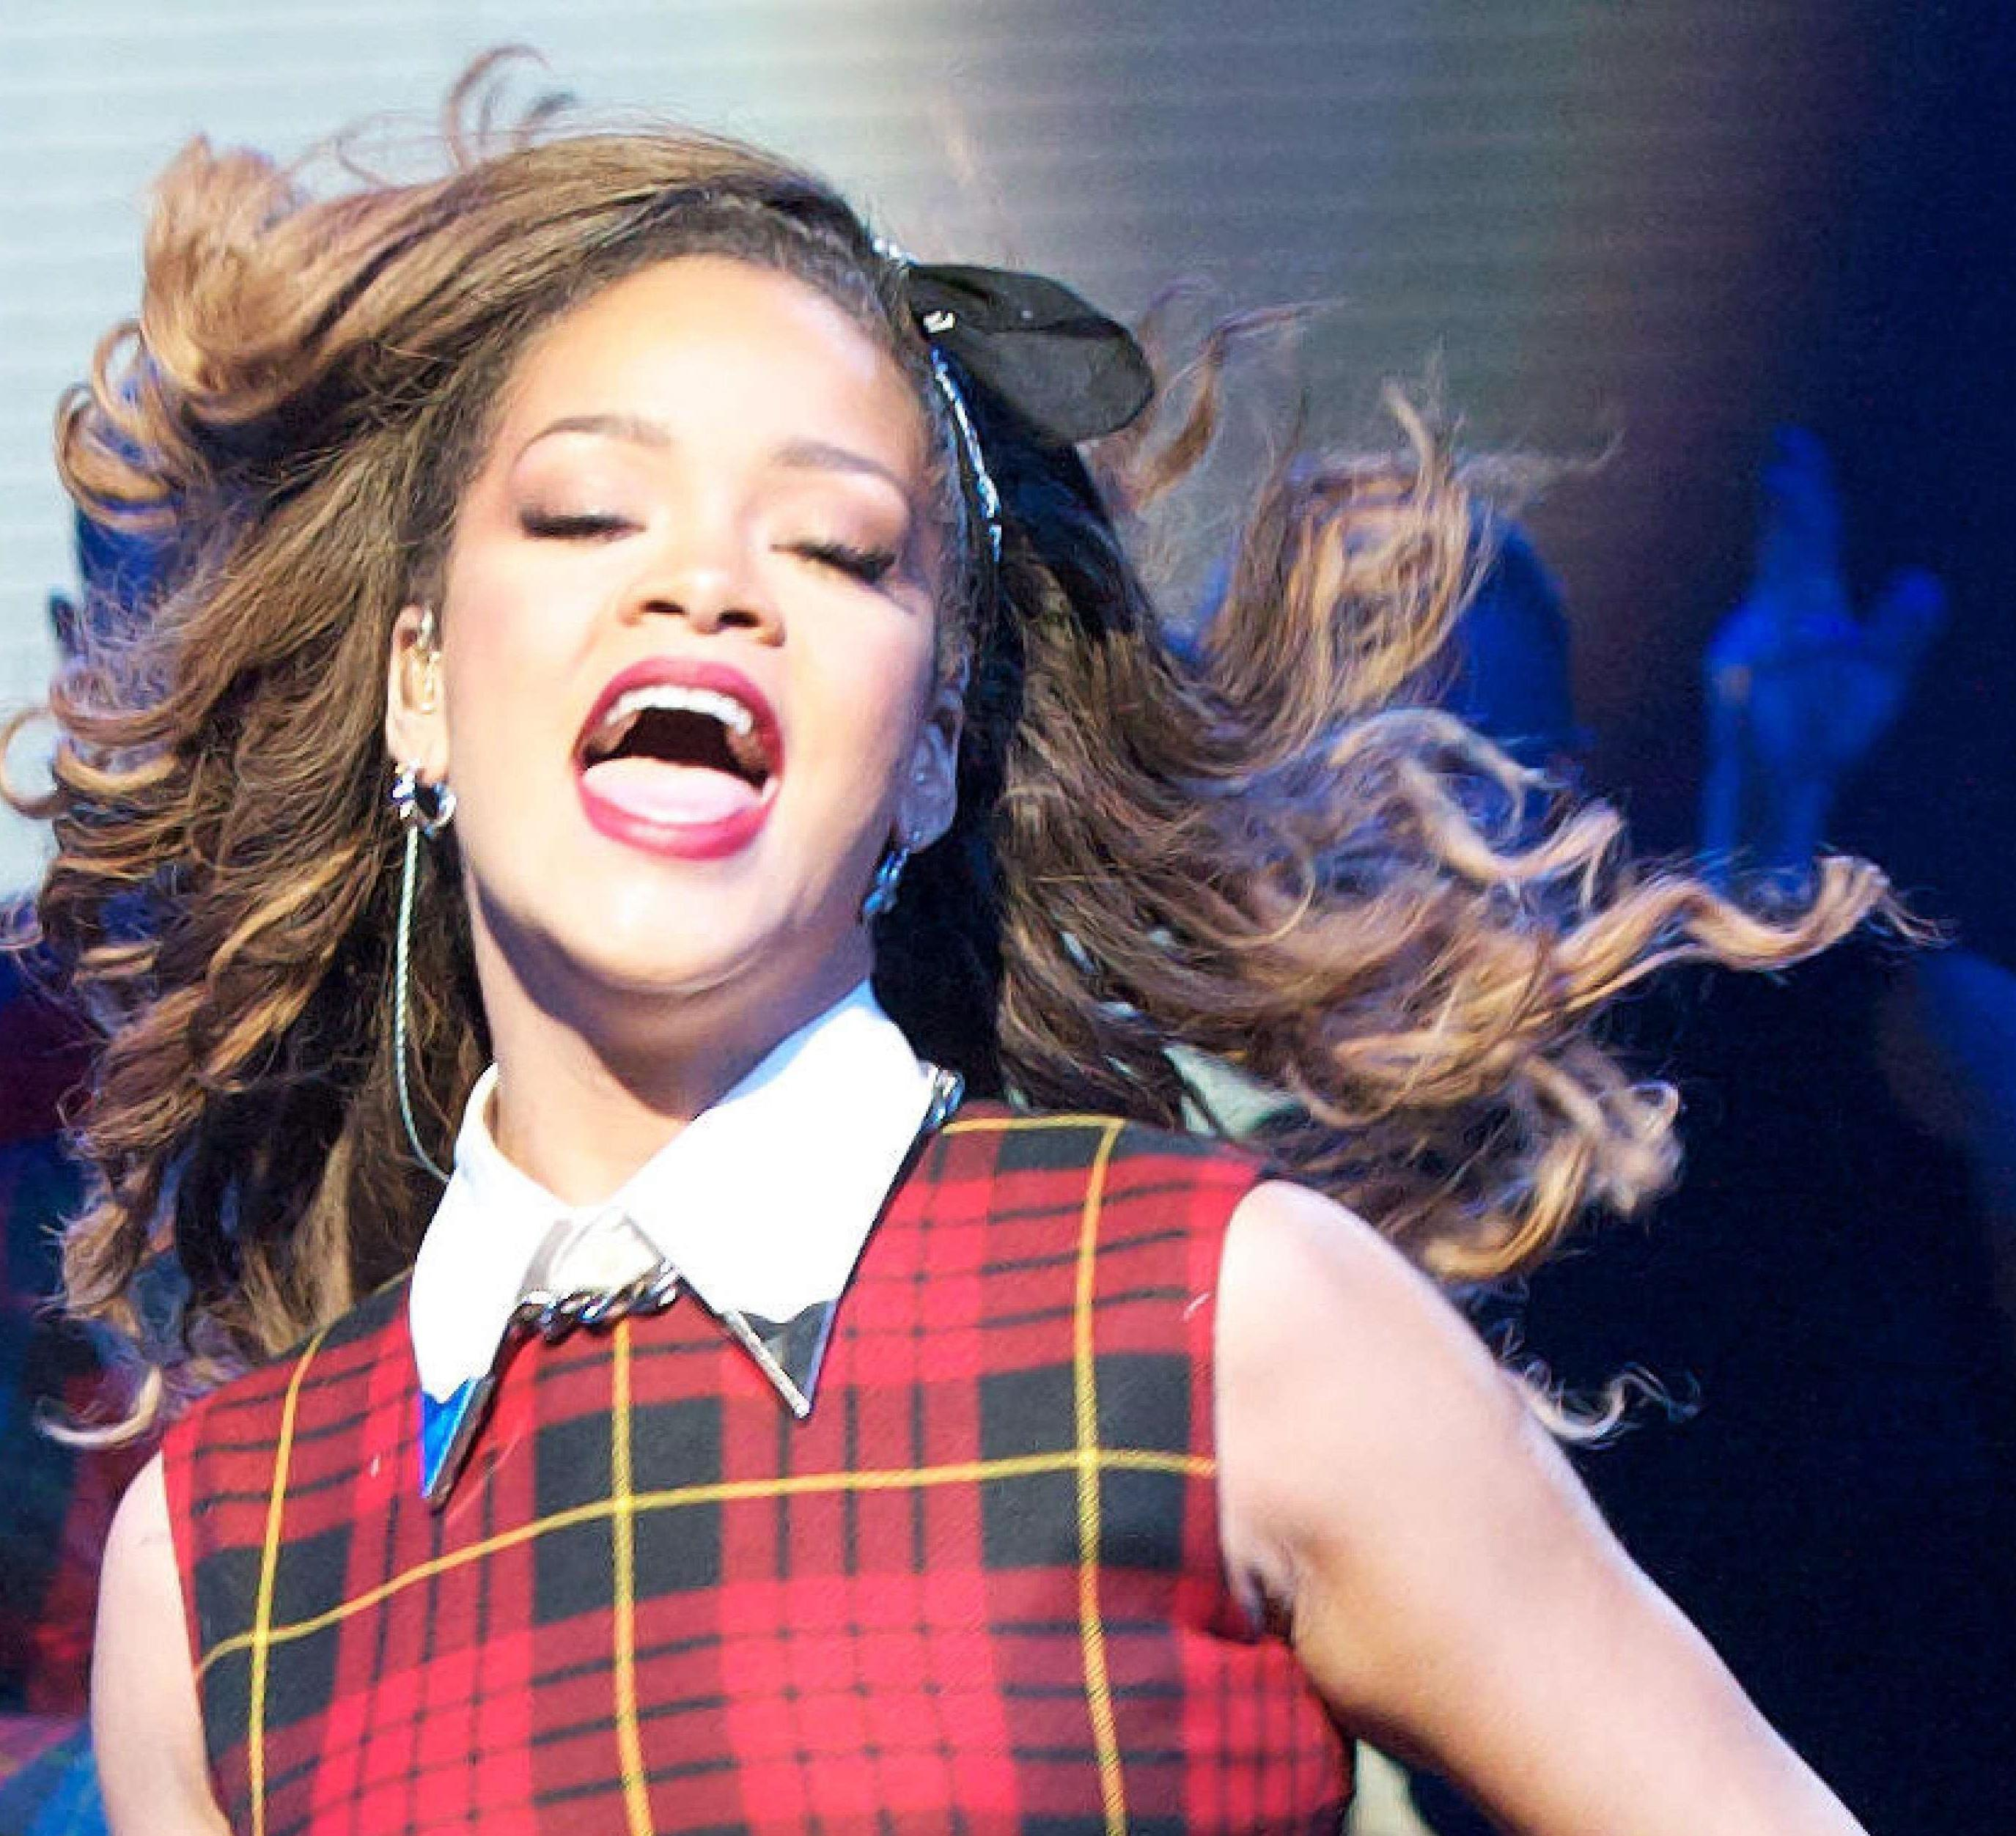 Le bandana à la Rihanna : Hot or Not ?